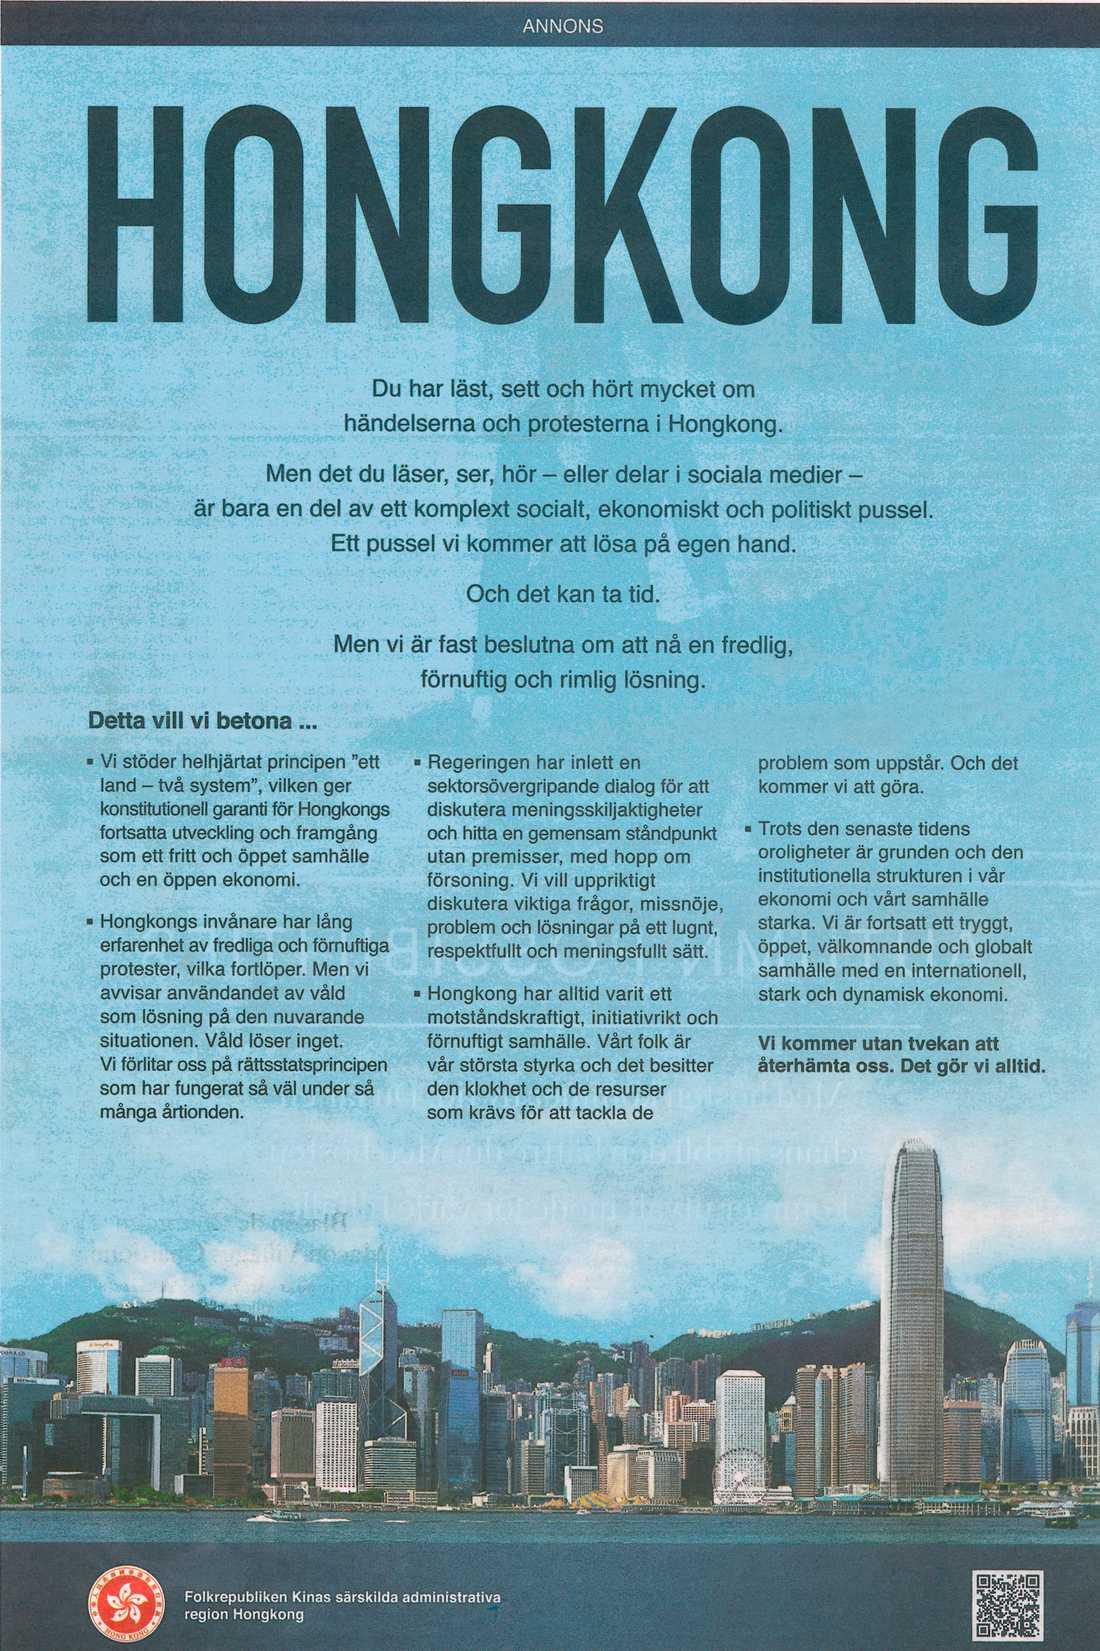 En kinesisk annons dök upp i fredagens upplaga av DN och skapade rubriker.